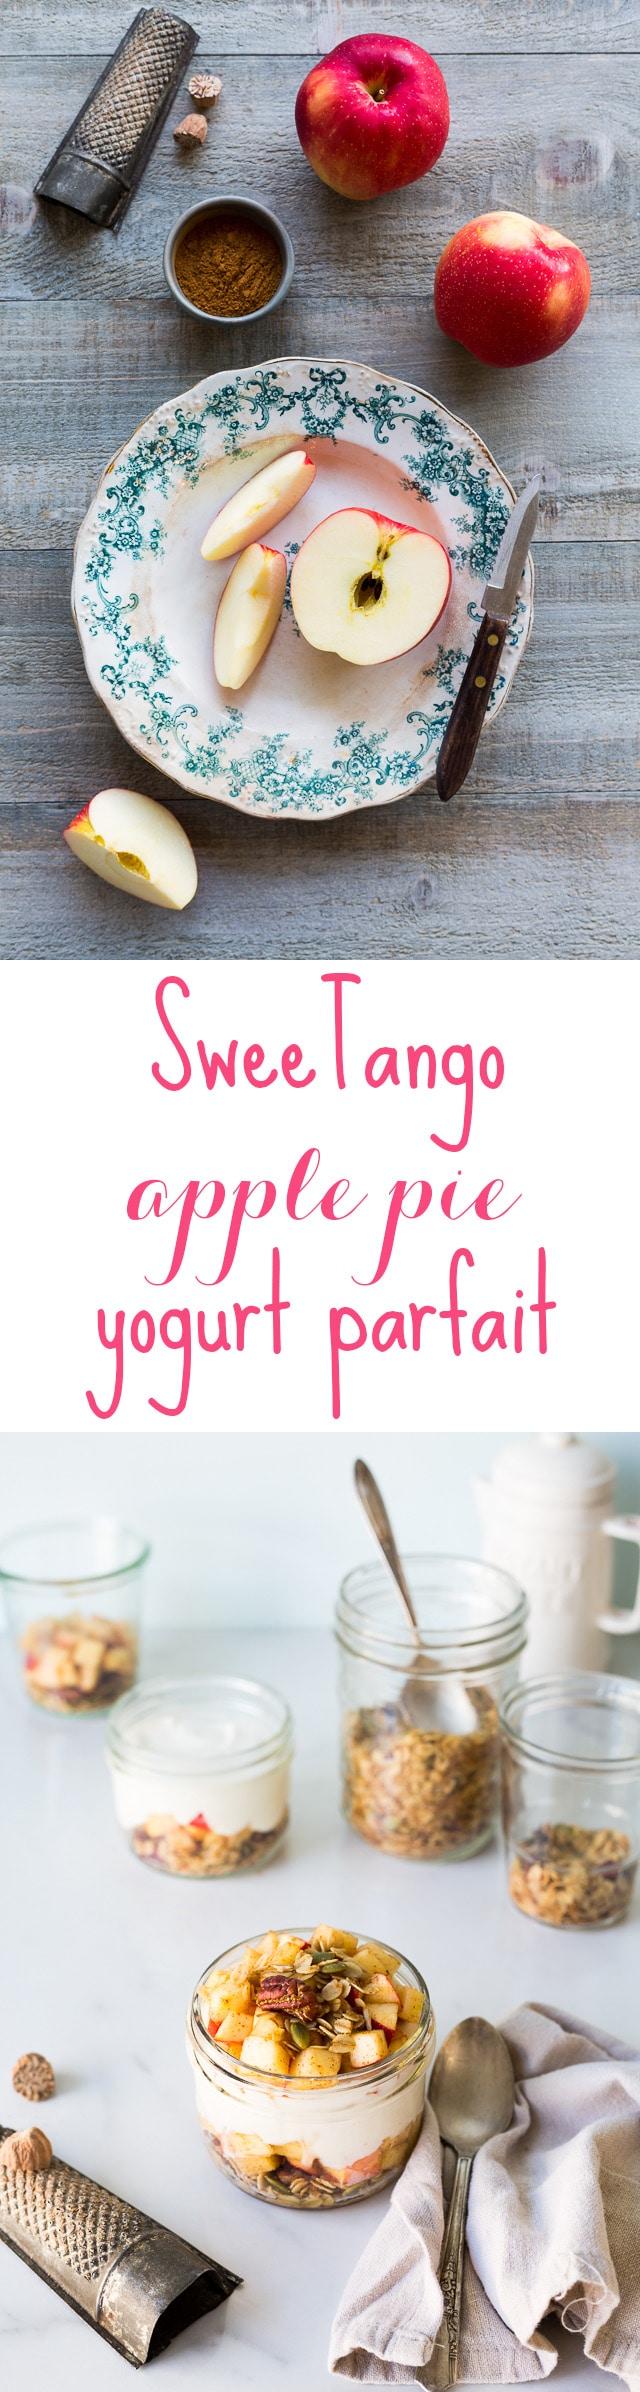 sweetango apple pie parfait with greek yogurt